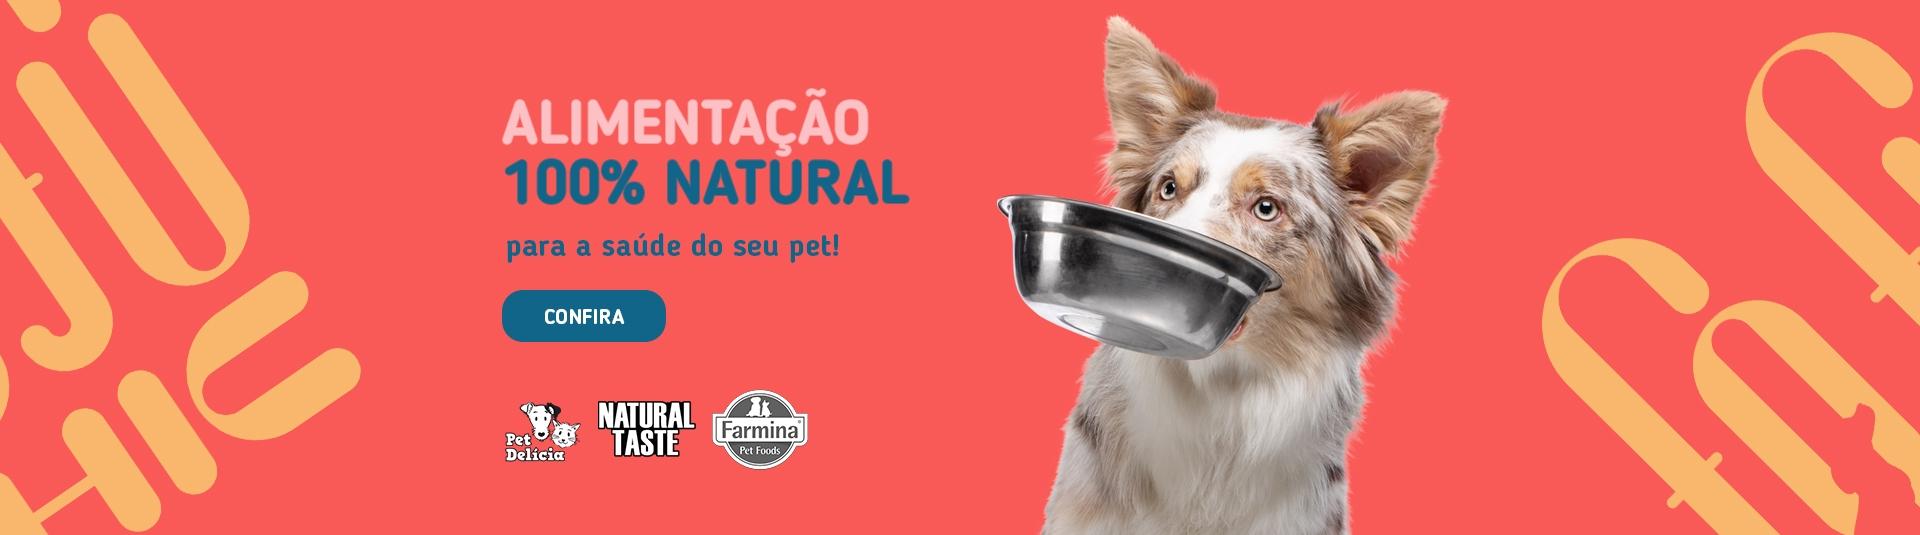 Alimentação 100% natural